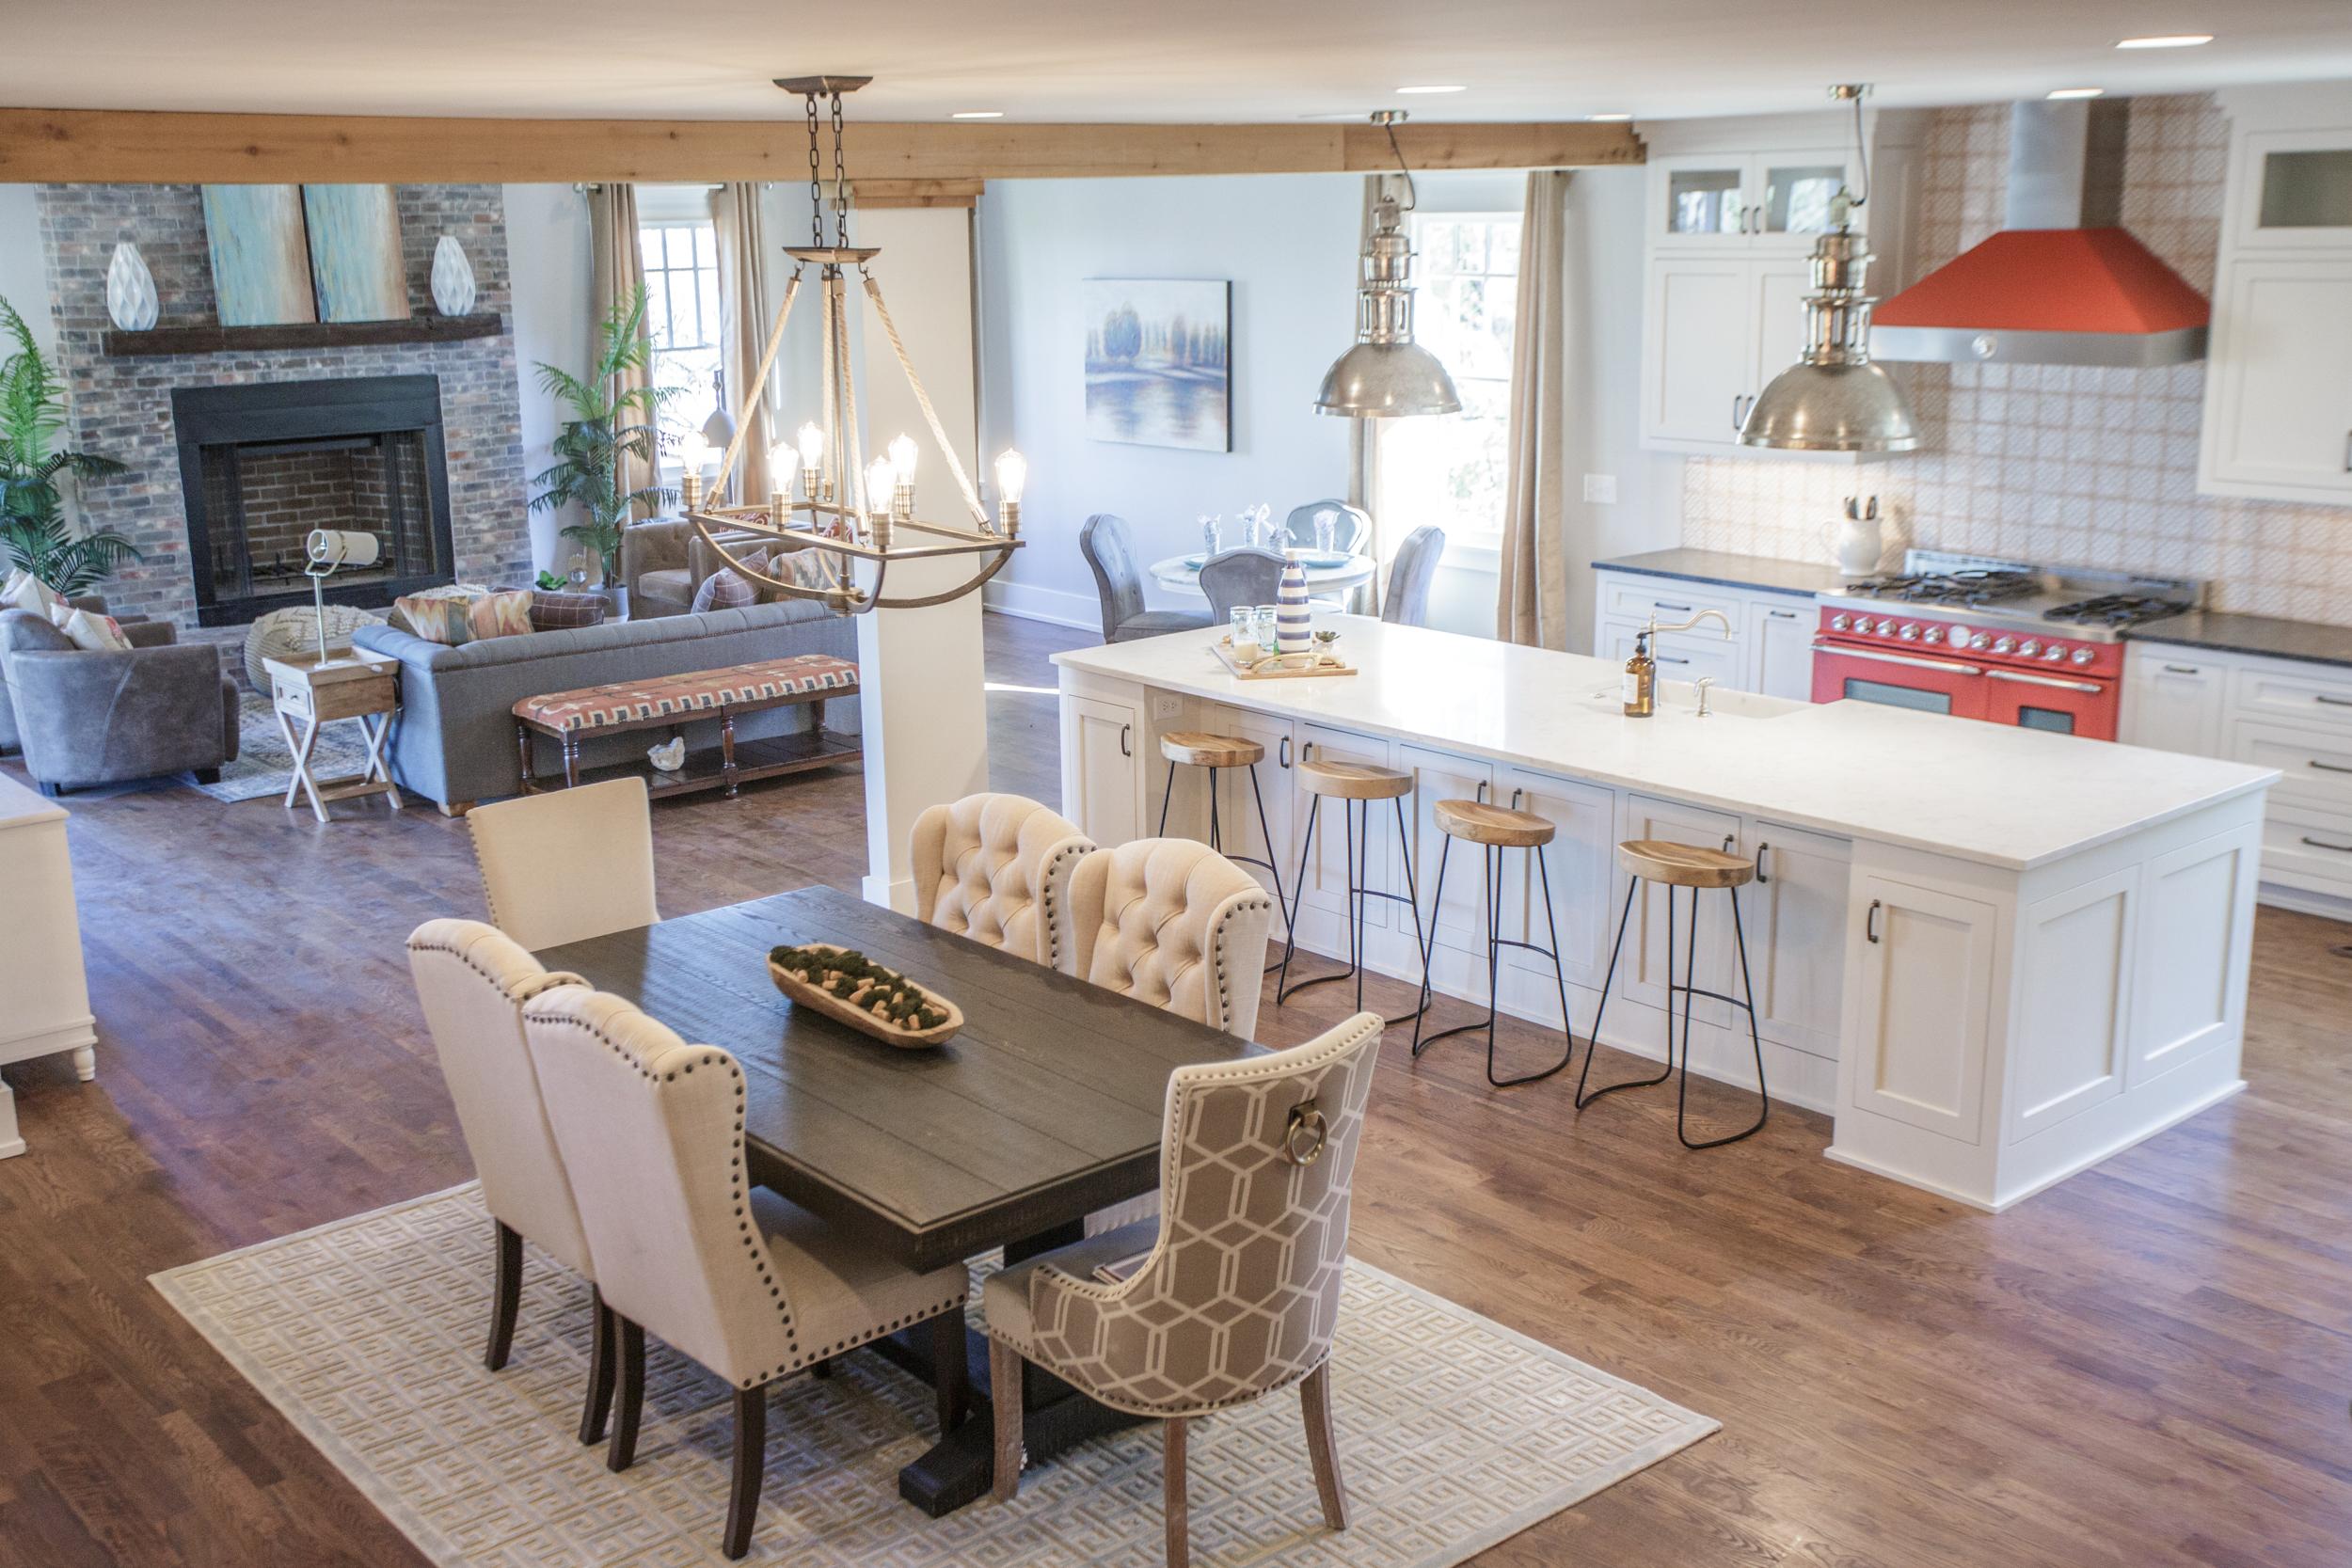 britt-development-group-nashville-tennessee-custom-home-builder-historic-renovation-0655.jpg